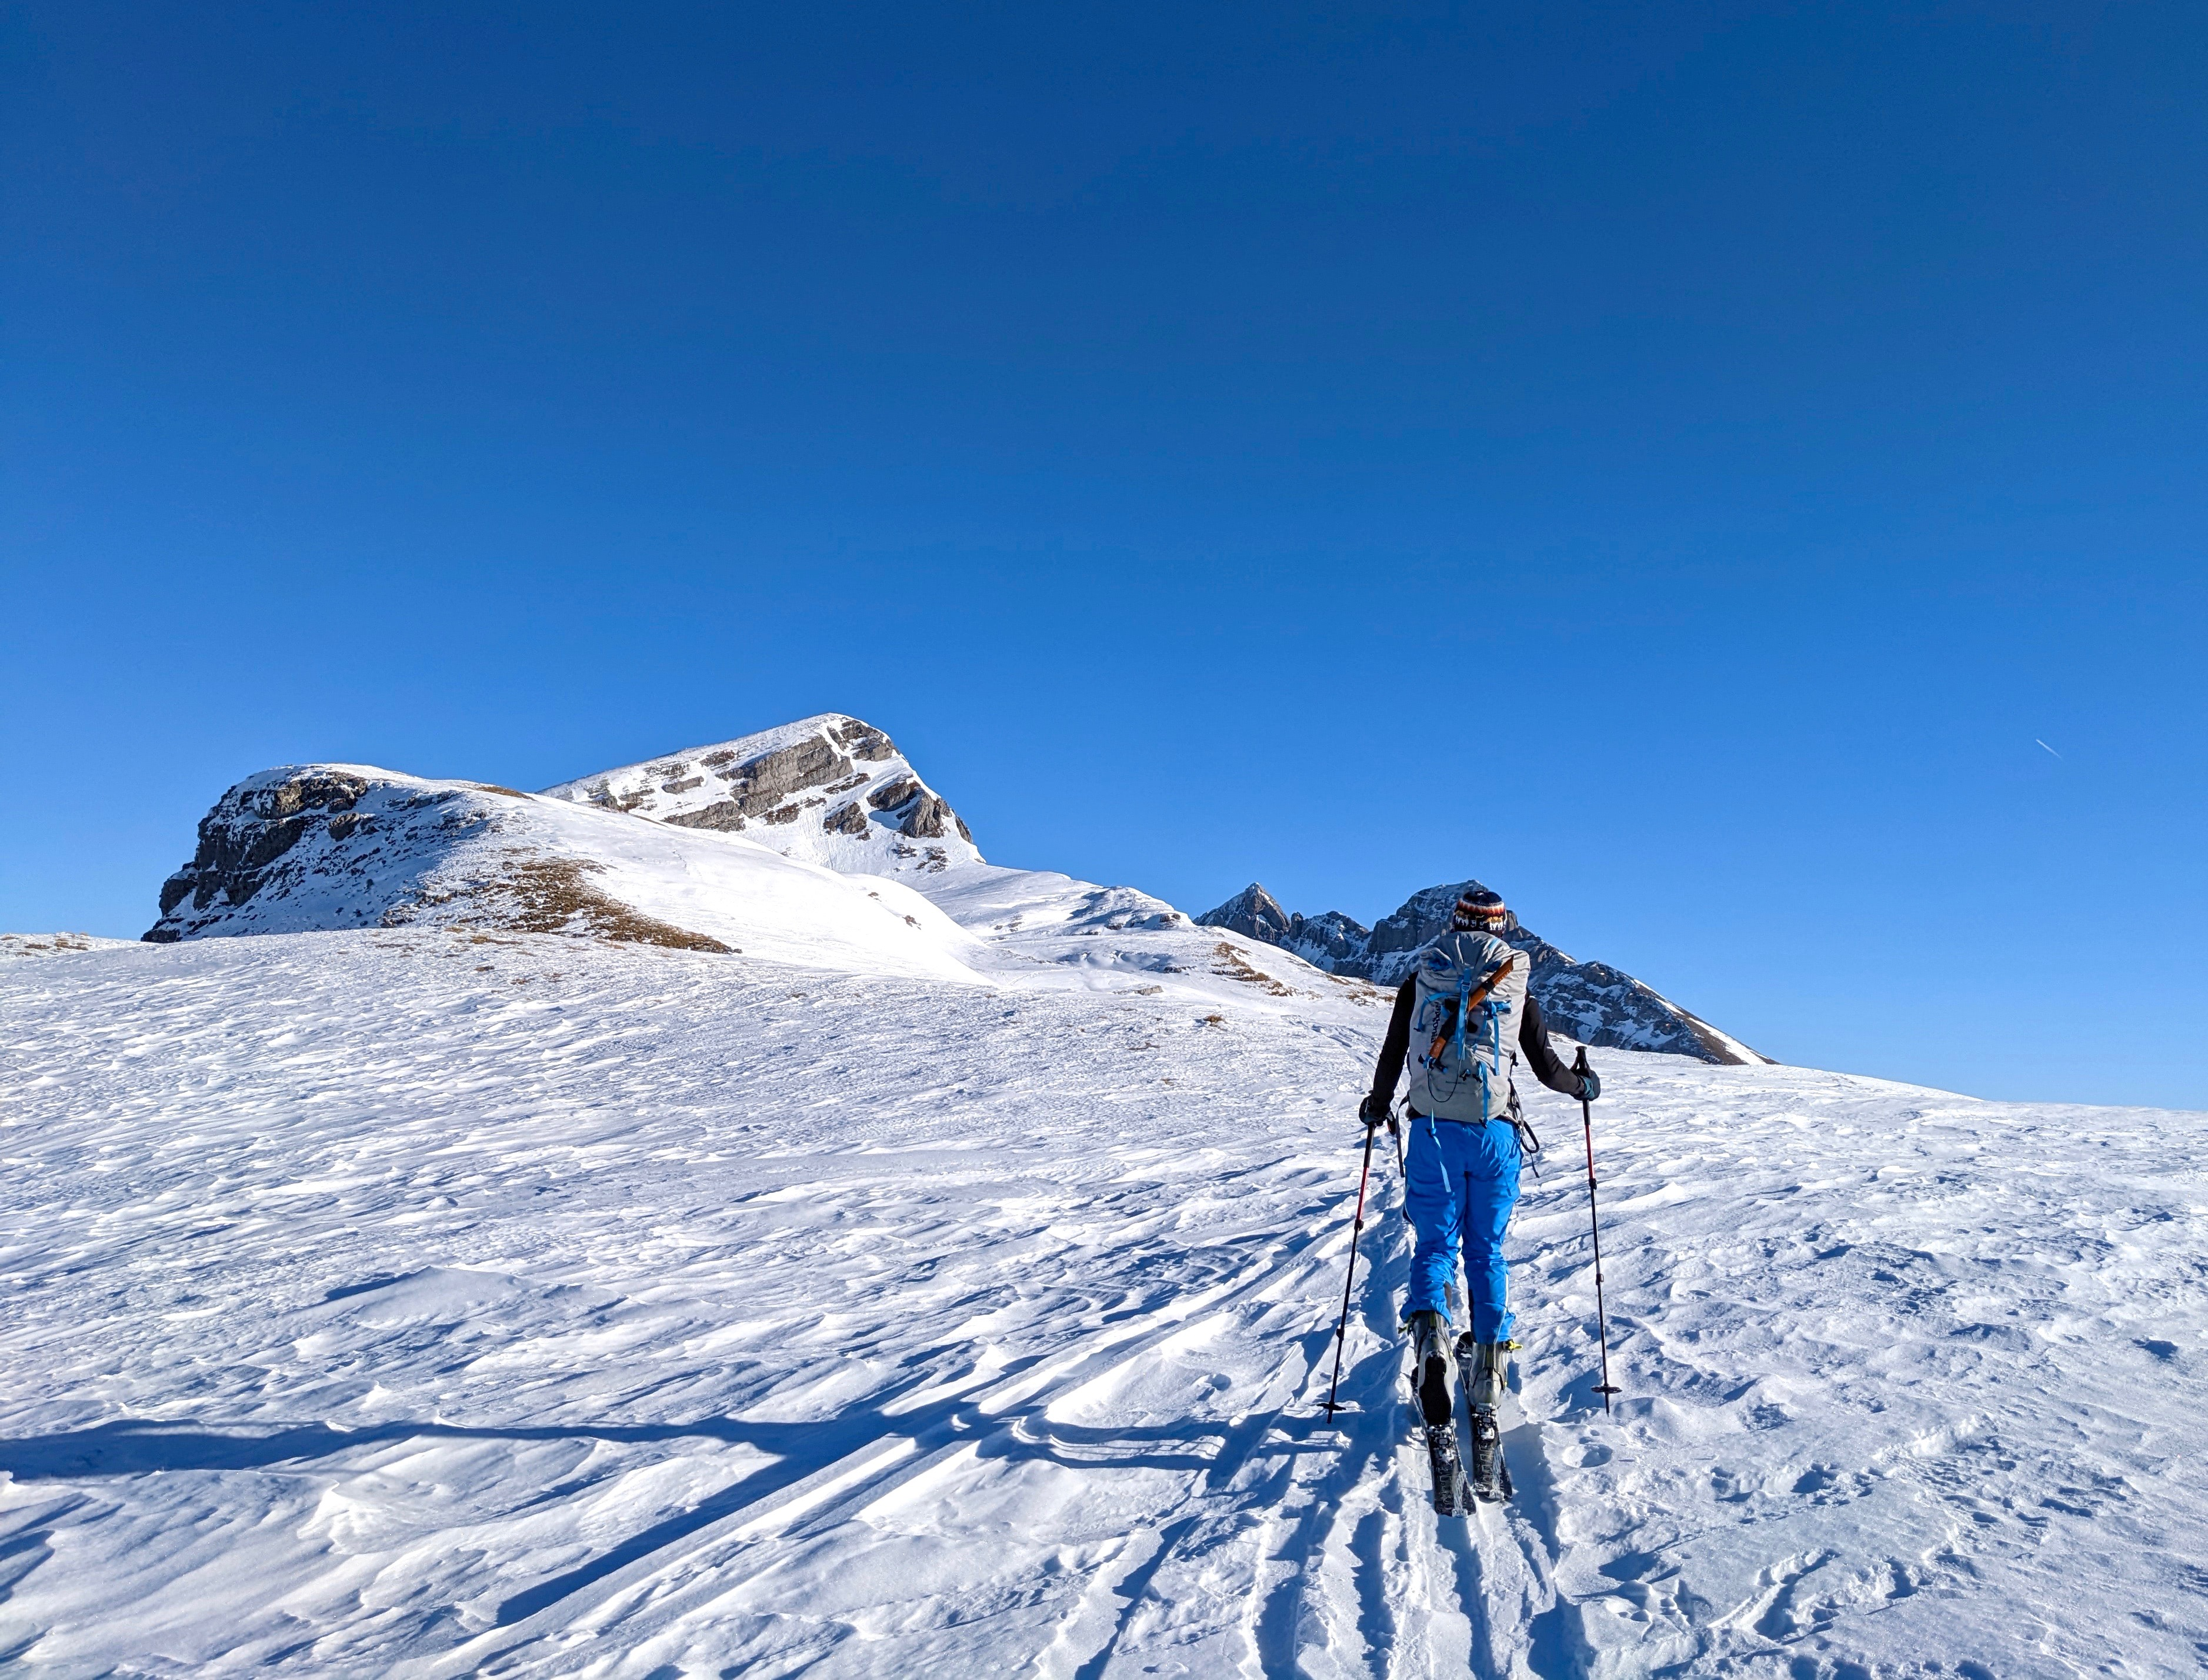 Pfannenstock, Skitour, Winterkorridor, Muotathal, Bisistal, Schlussanstieg, Gipfelanstieg, Gipfel